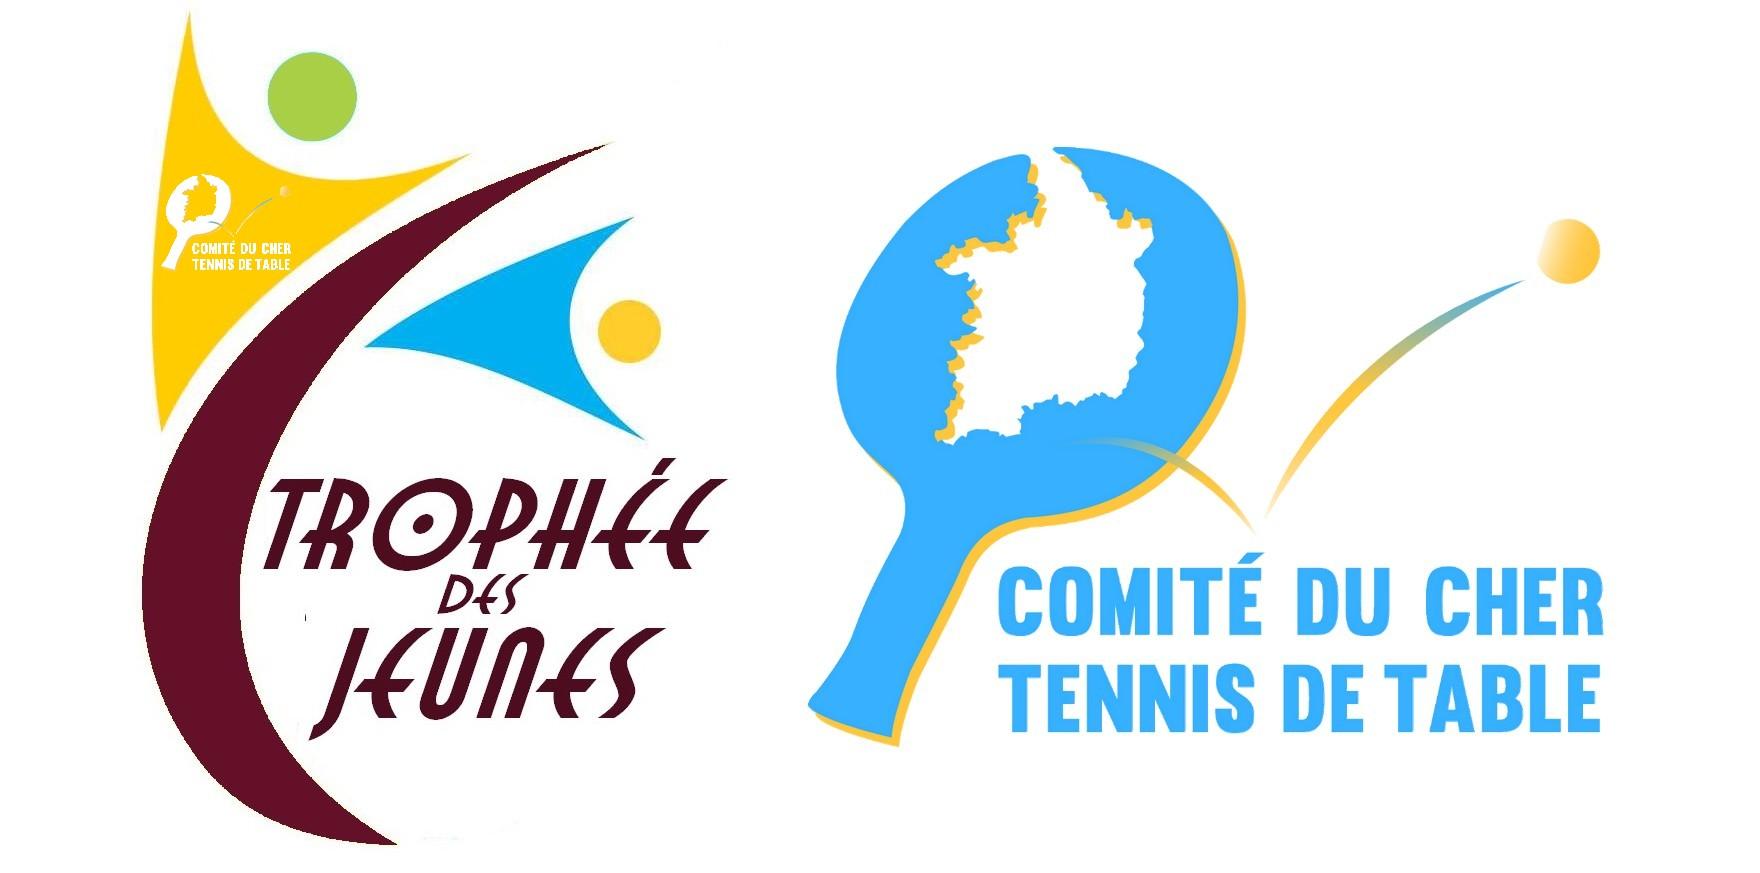 Trophee Des Jeunes Du Cher Comite Du Cher De Tennis De Table